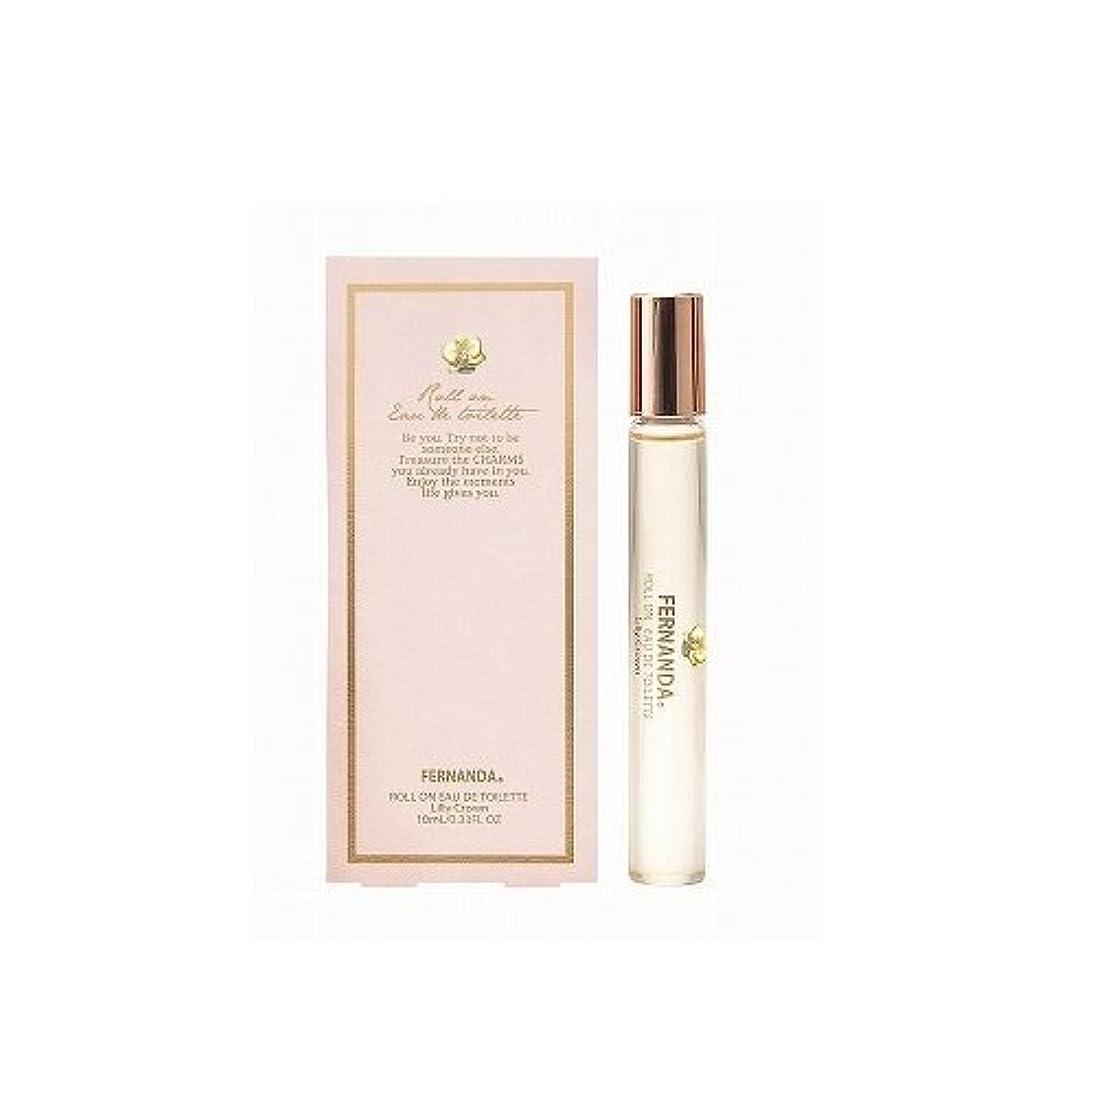 FERNANDA(フェルナンダ) Roll on Fragrance(オードトワレ) Lilly Crown (リリークラウン)